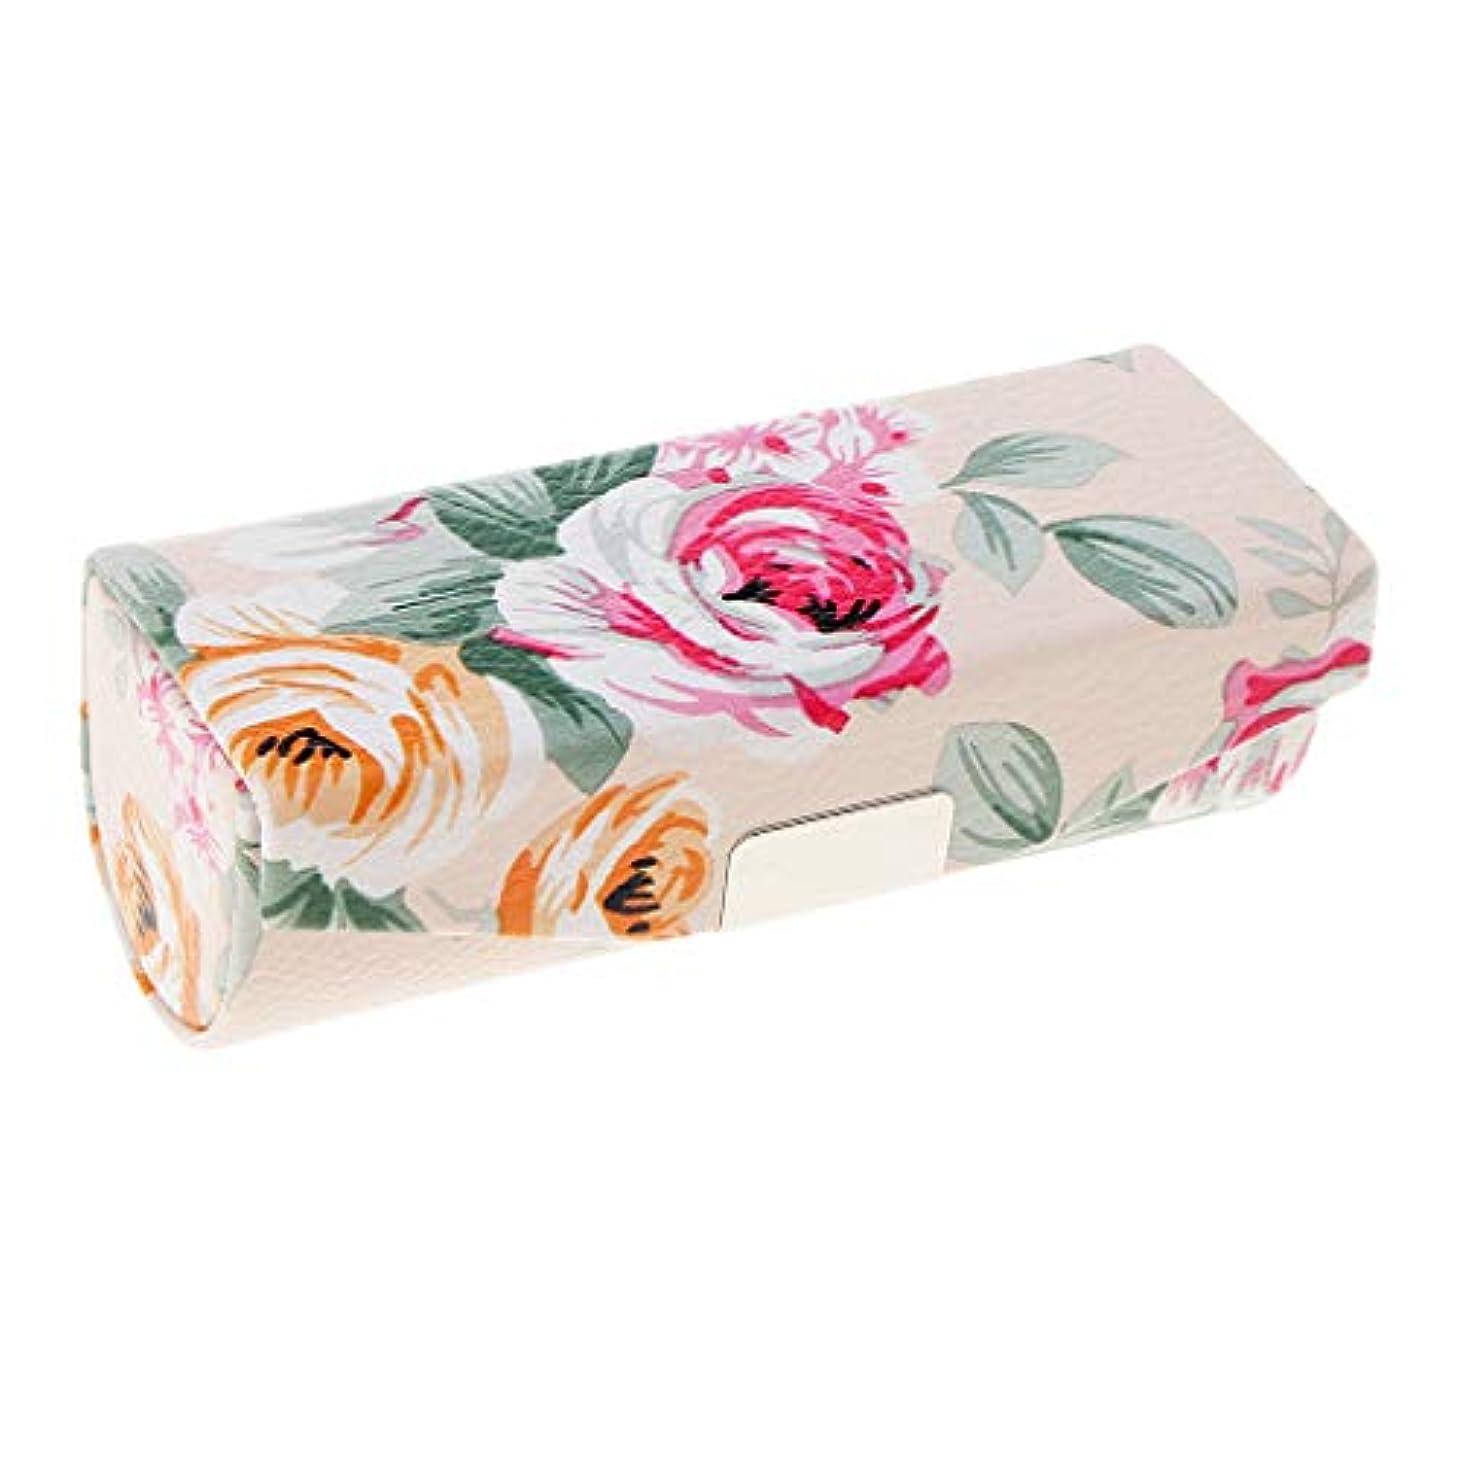 ランプコストトランペットT TOOYFUL ミラー付き口紅ケース、財布のための旅行サイズ、女性&女性のためのキャリングバッグ - ベージュ